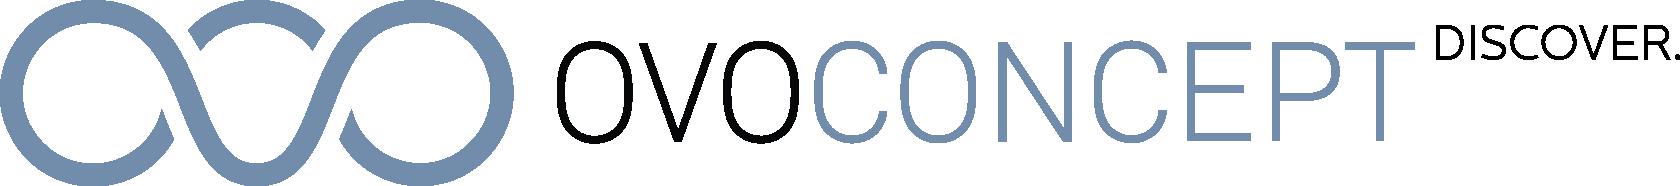 OVOCONCEPT logo